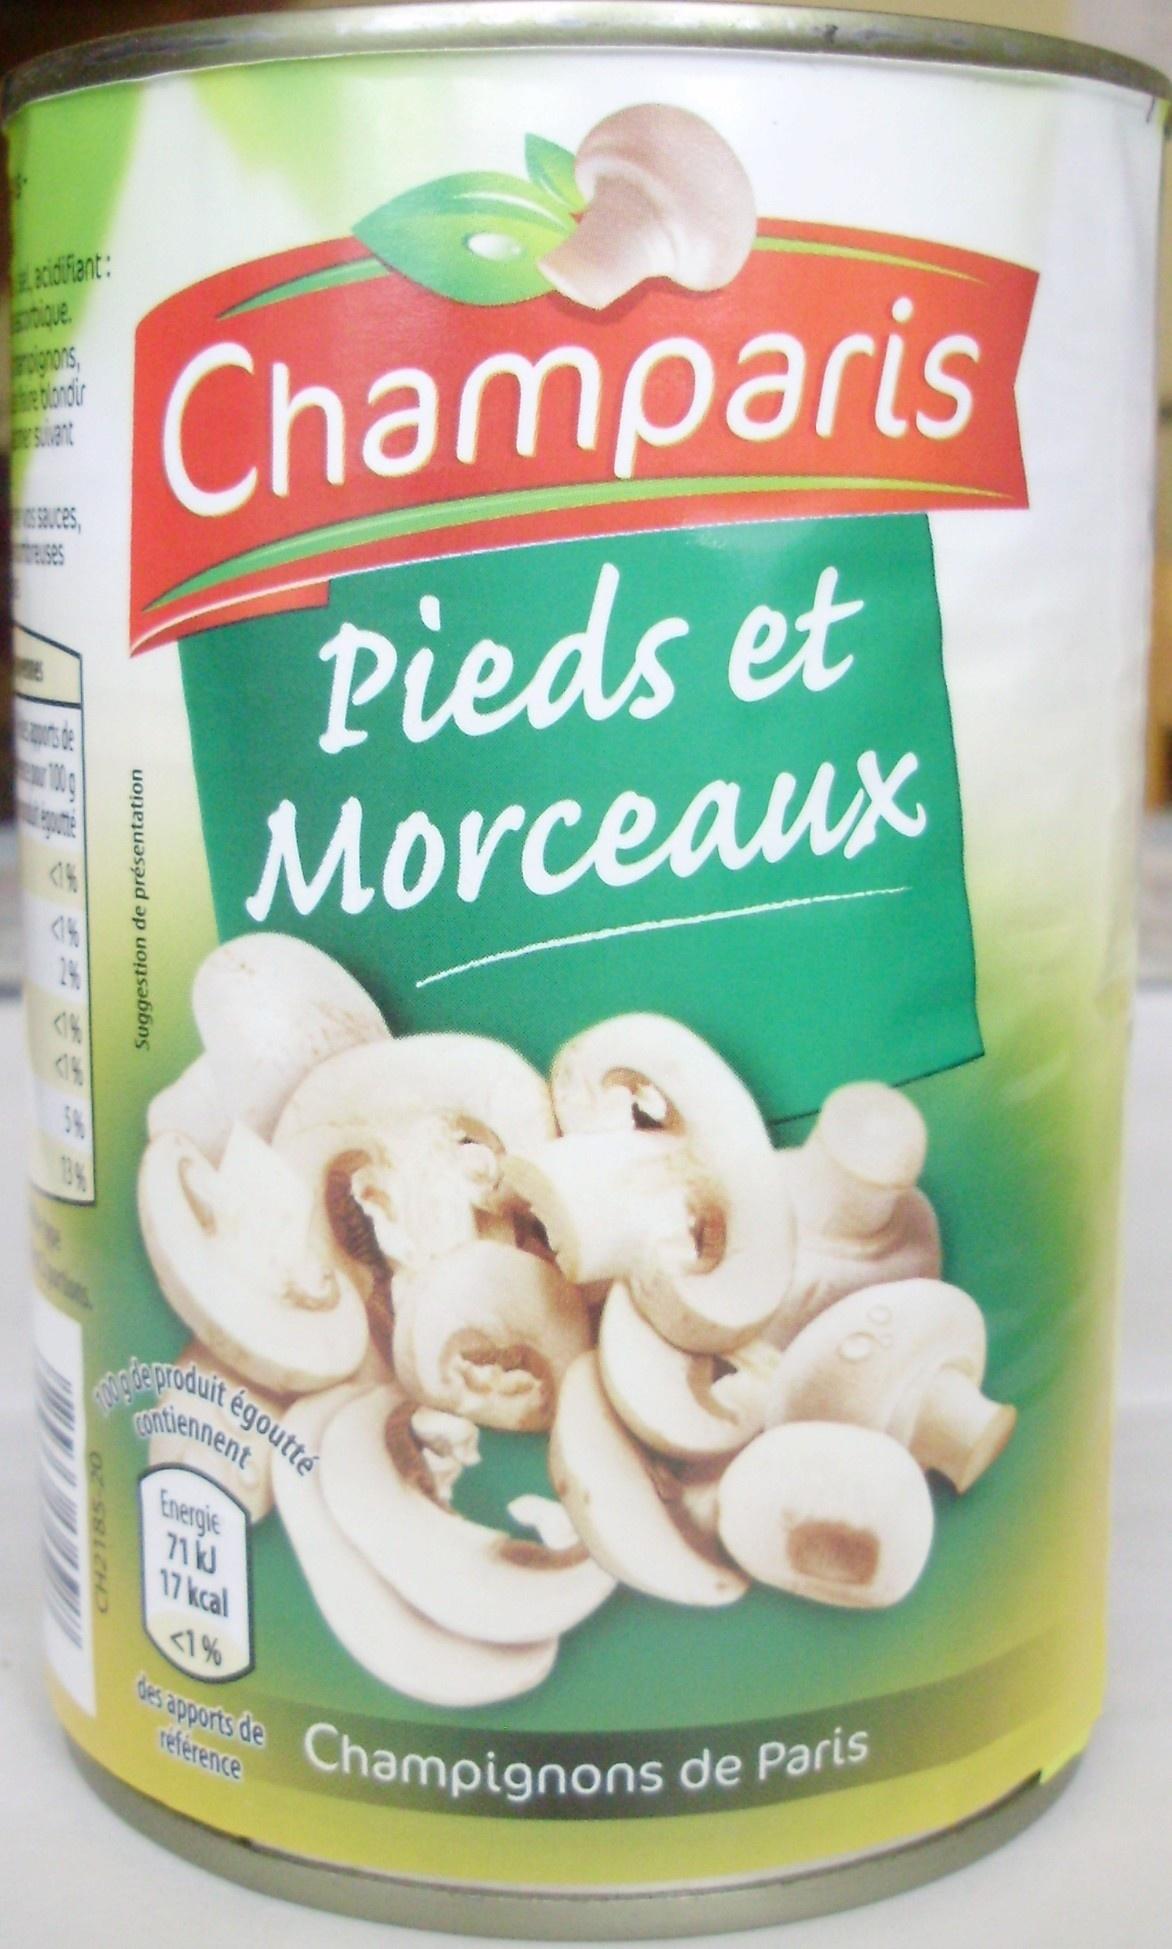 Pieds et Morceaux (Champignons de Paris) - Produit - fr